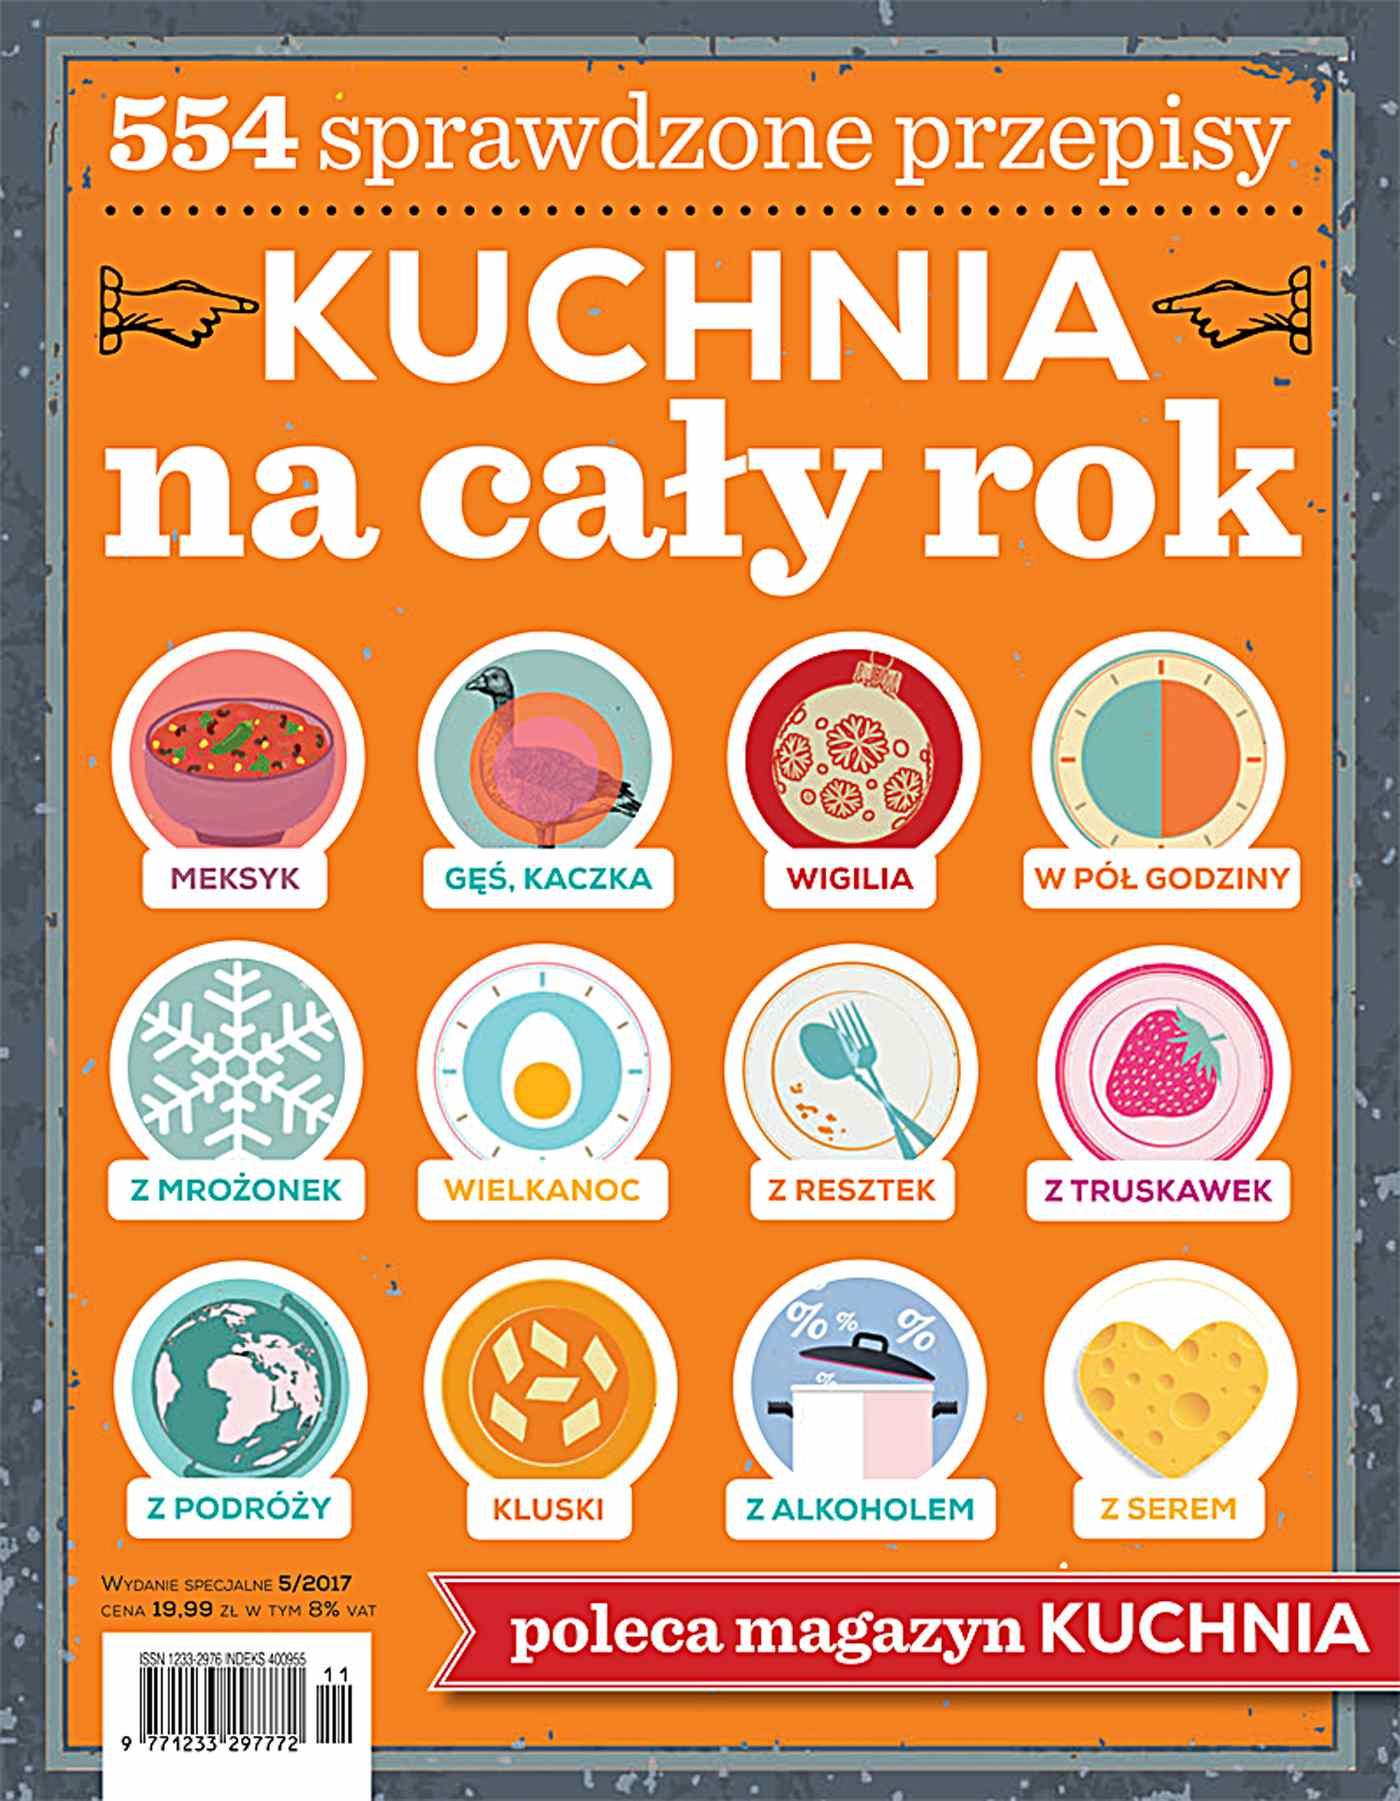 Kuchnia. Kolekcja dla smakoszy 5/2017 Kuchnia na cały rok - Ebook (Książka PDF) do pobrania w formacie PDF